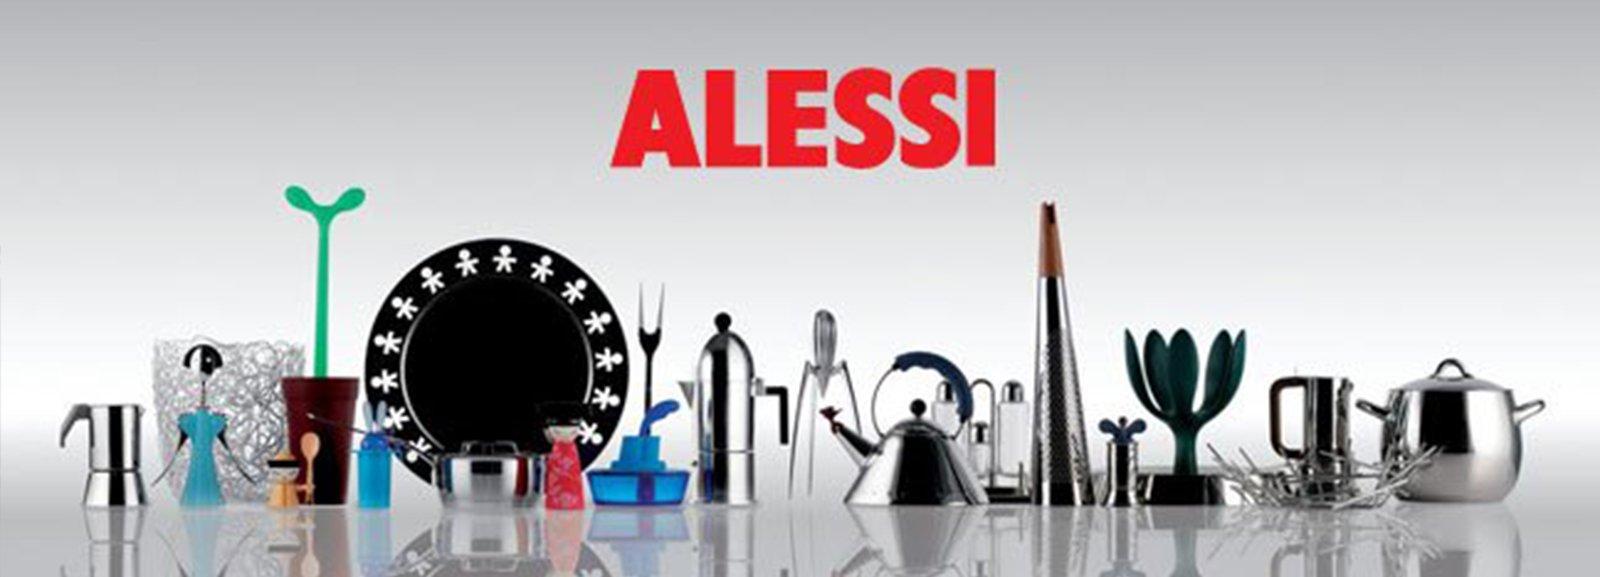 Alessi vendita straordinaria cose di casa for Alessi casa